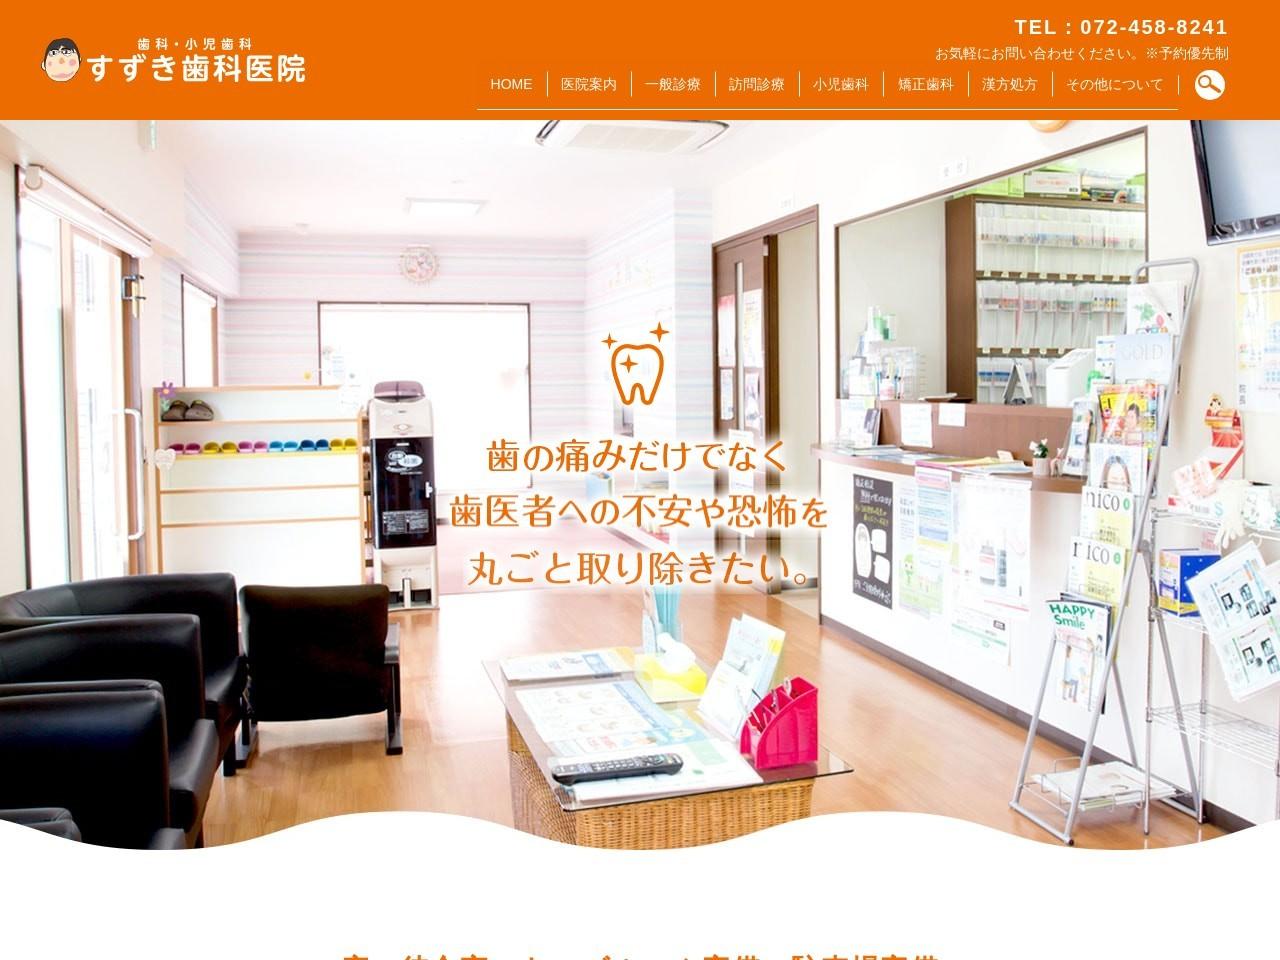 すずき歯科医院 (大阪府泉佐野市)